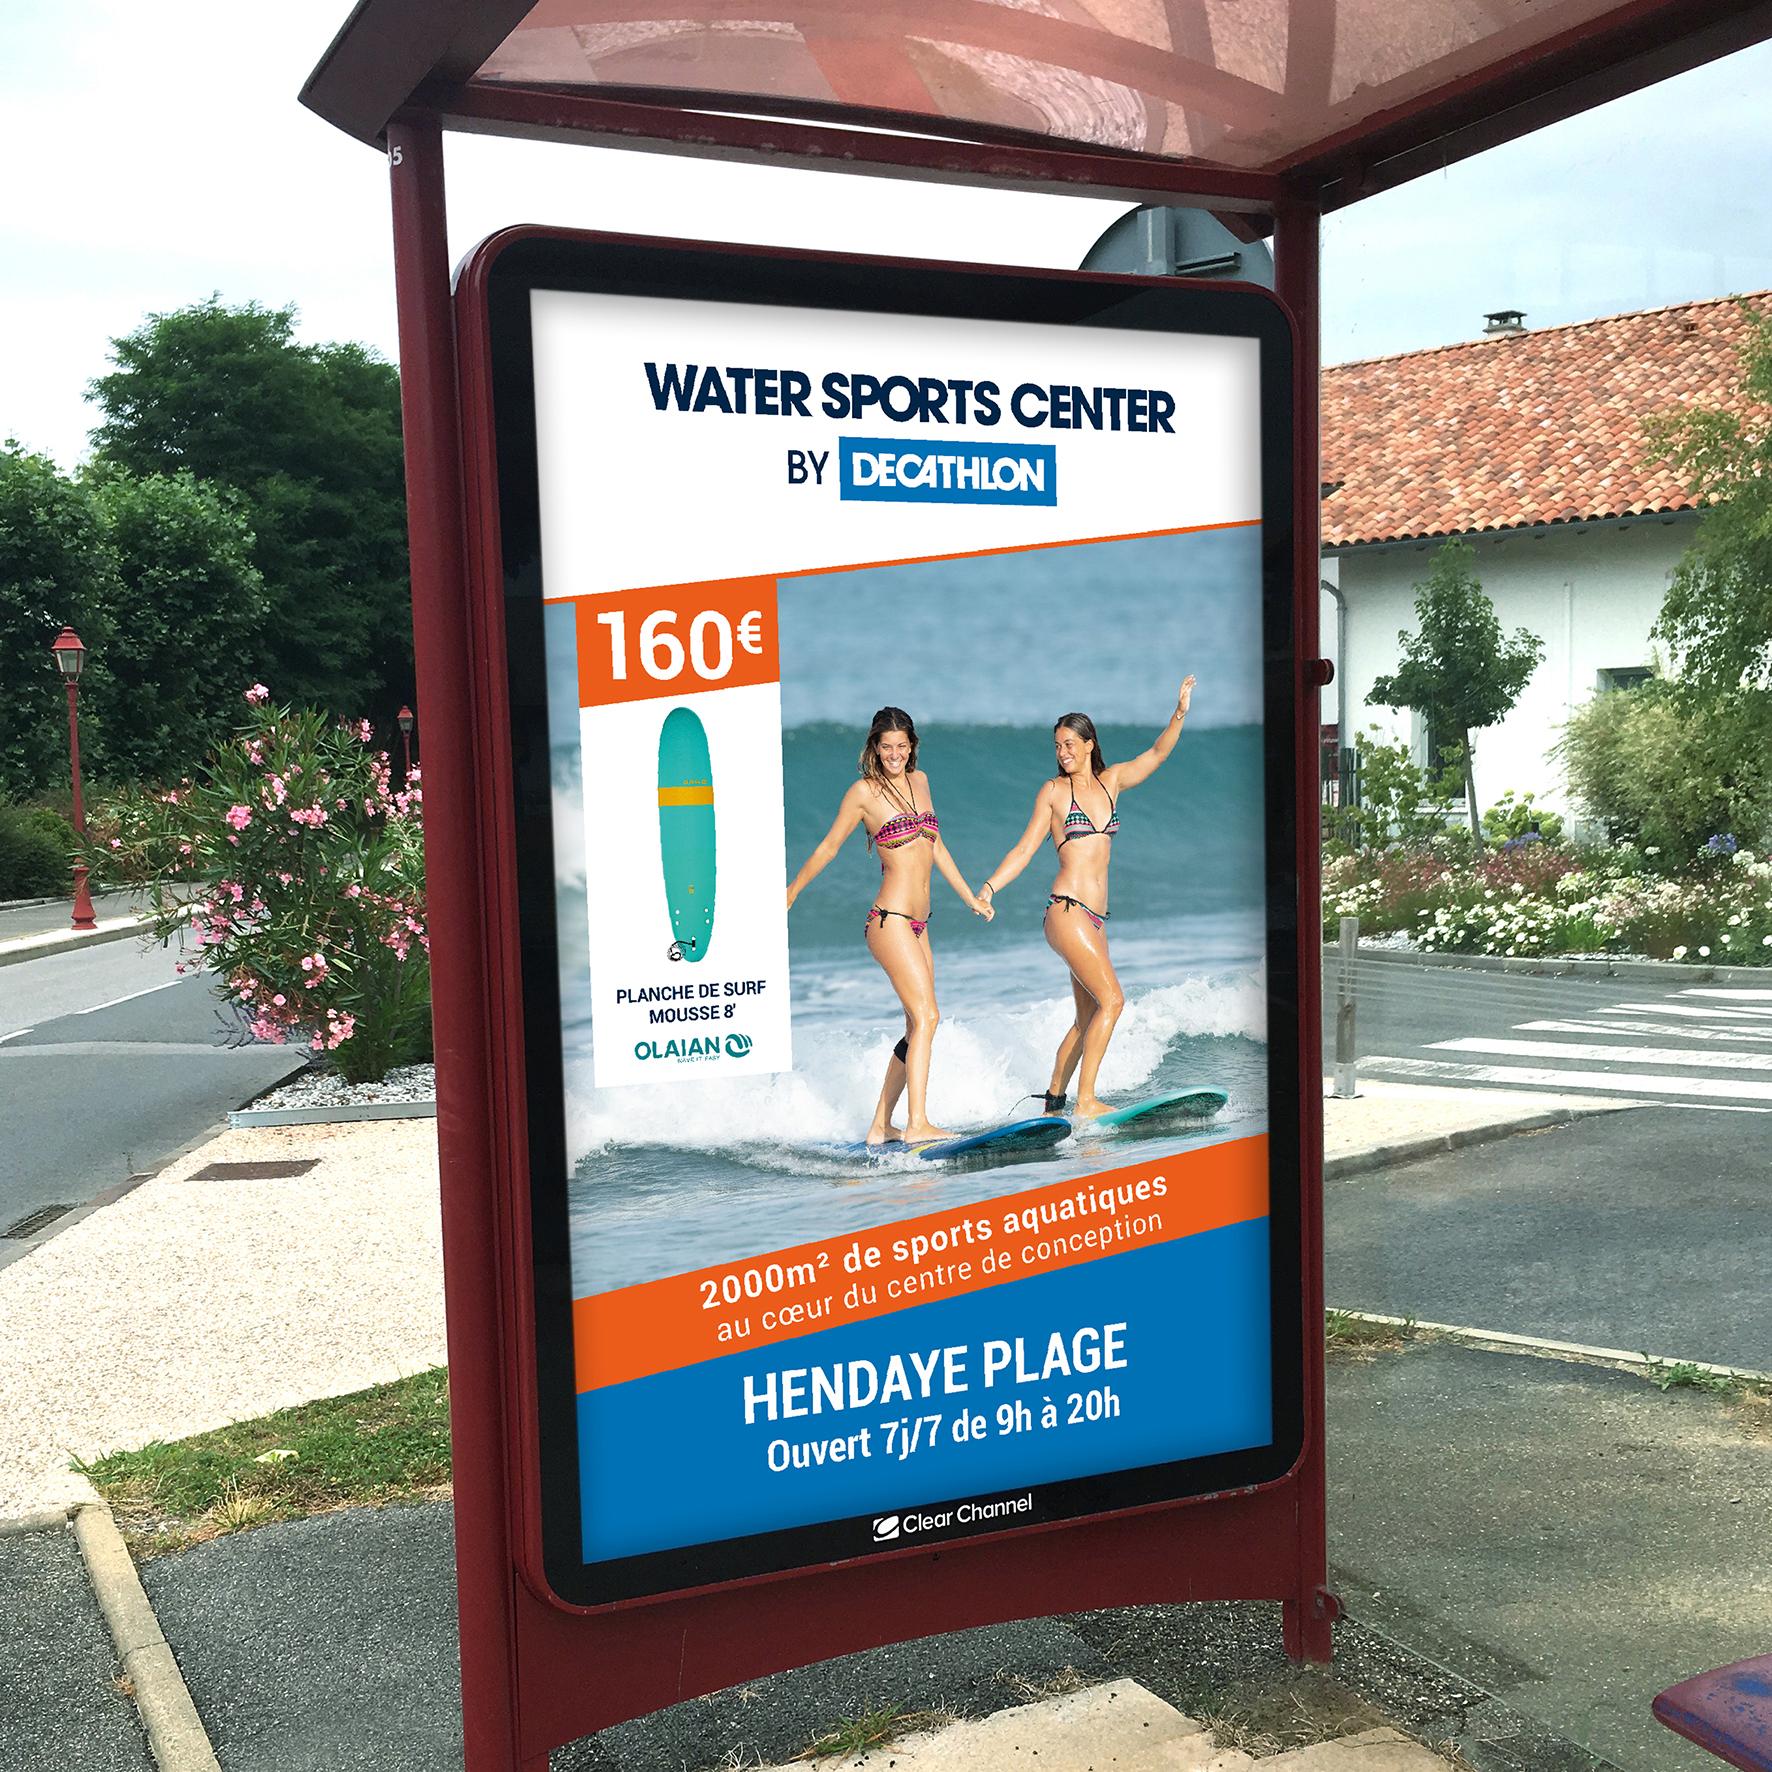 Affichage Water Sports Center by Decathlon